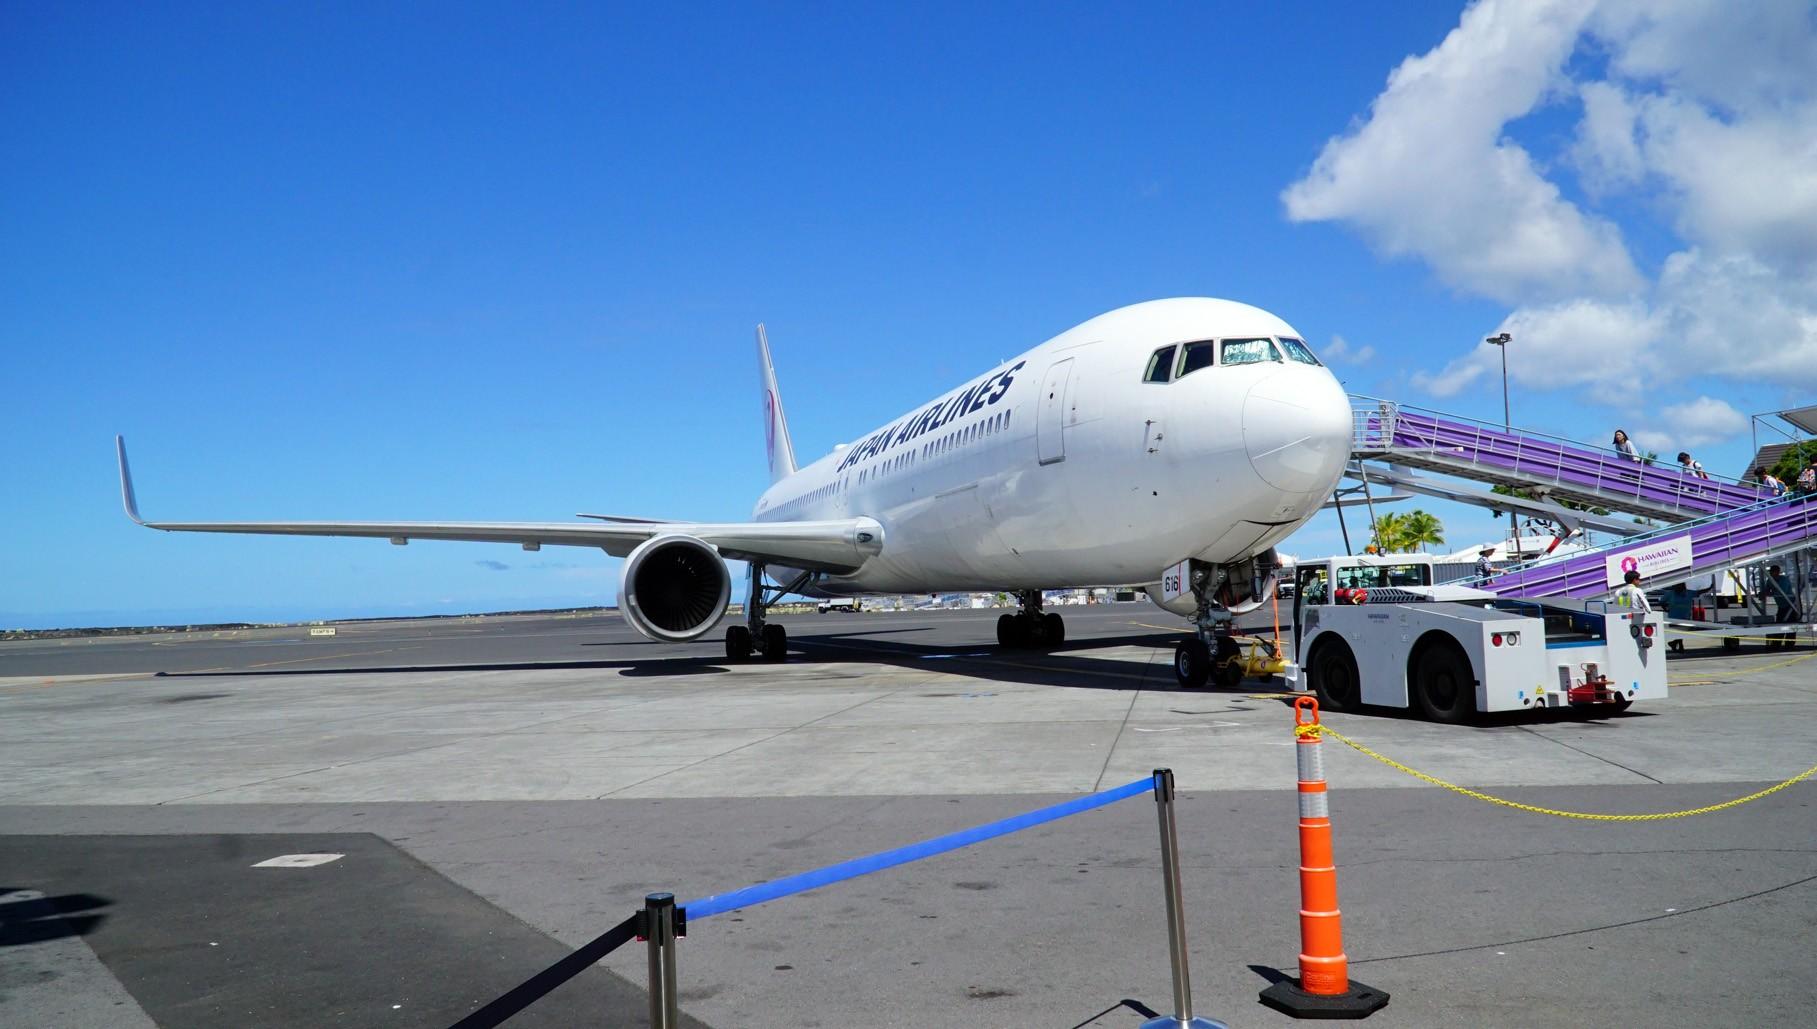 [原创]夏威夷大岛深度游,全程体验新晋五星级航空日本航空